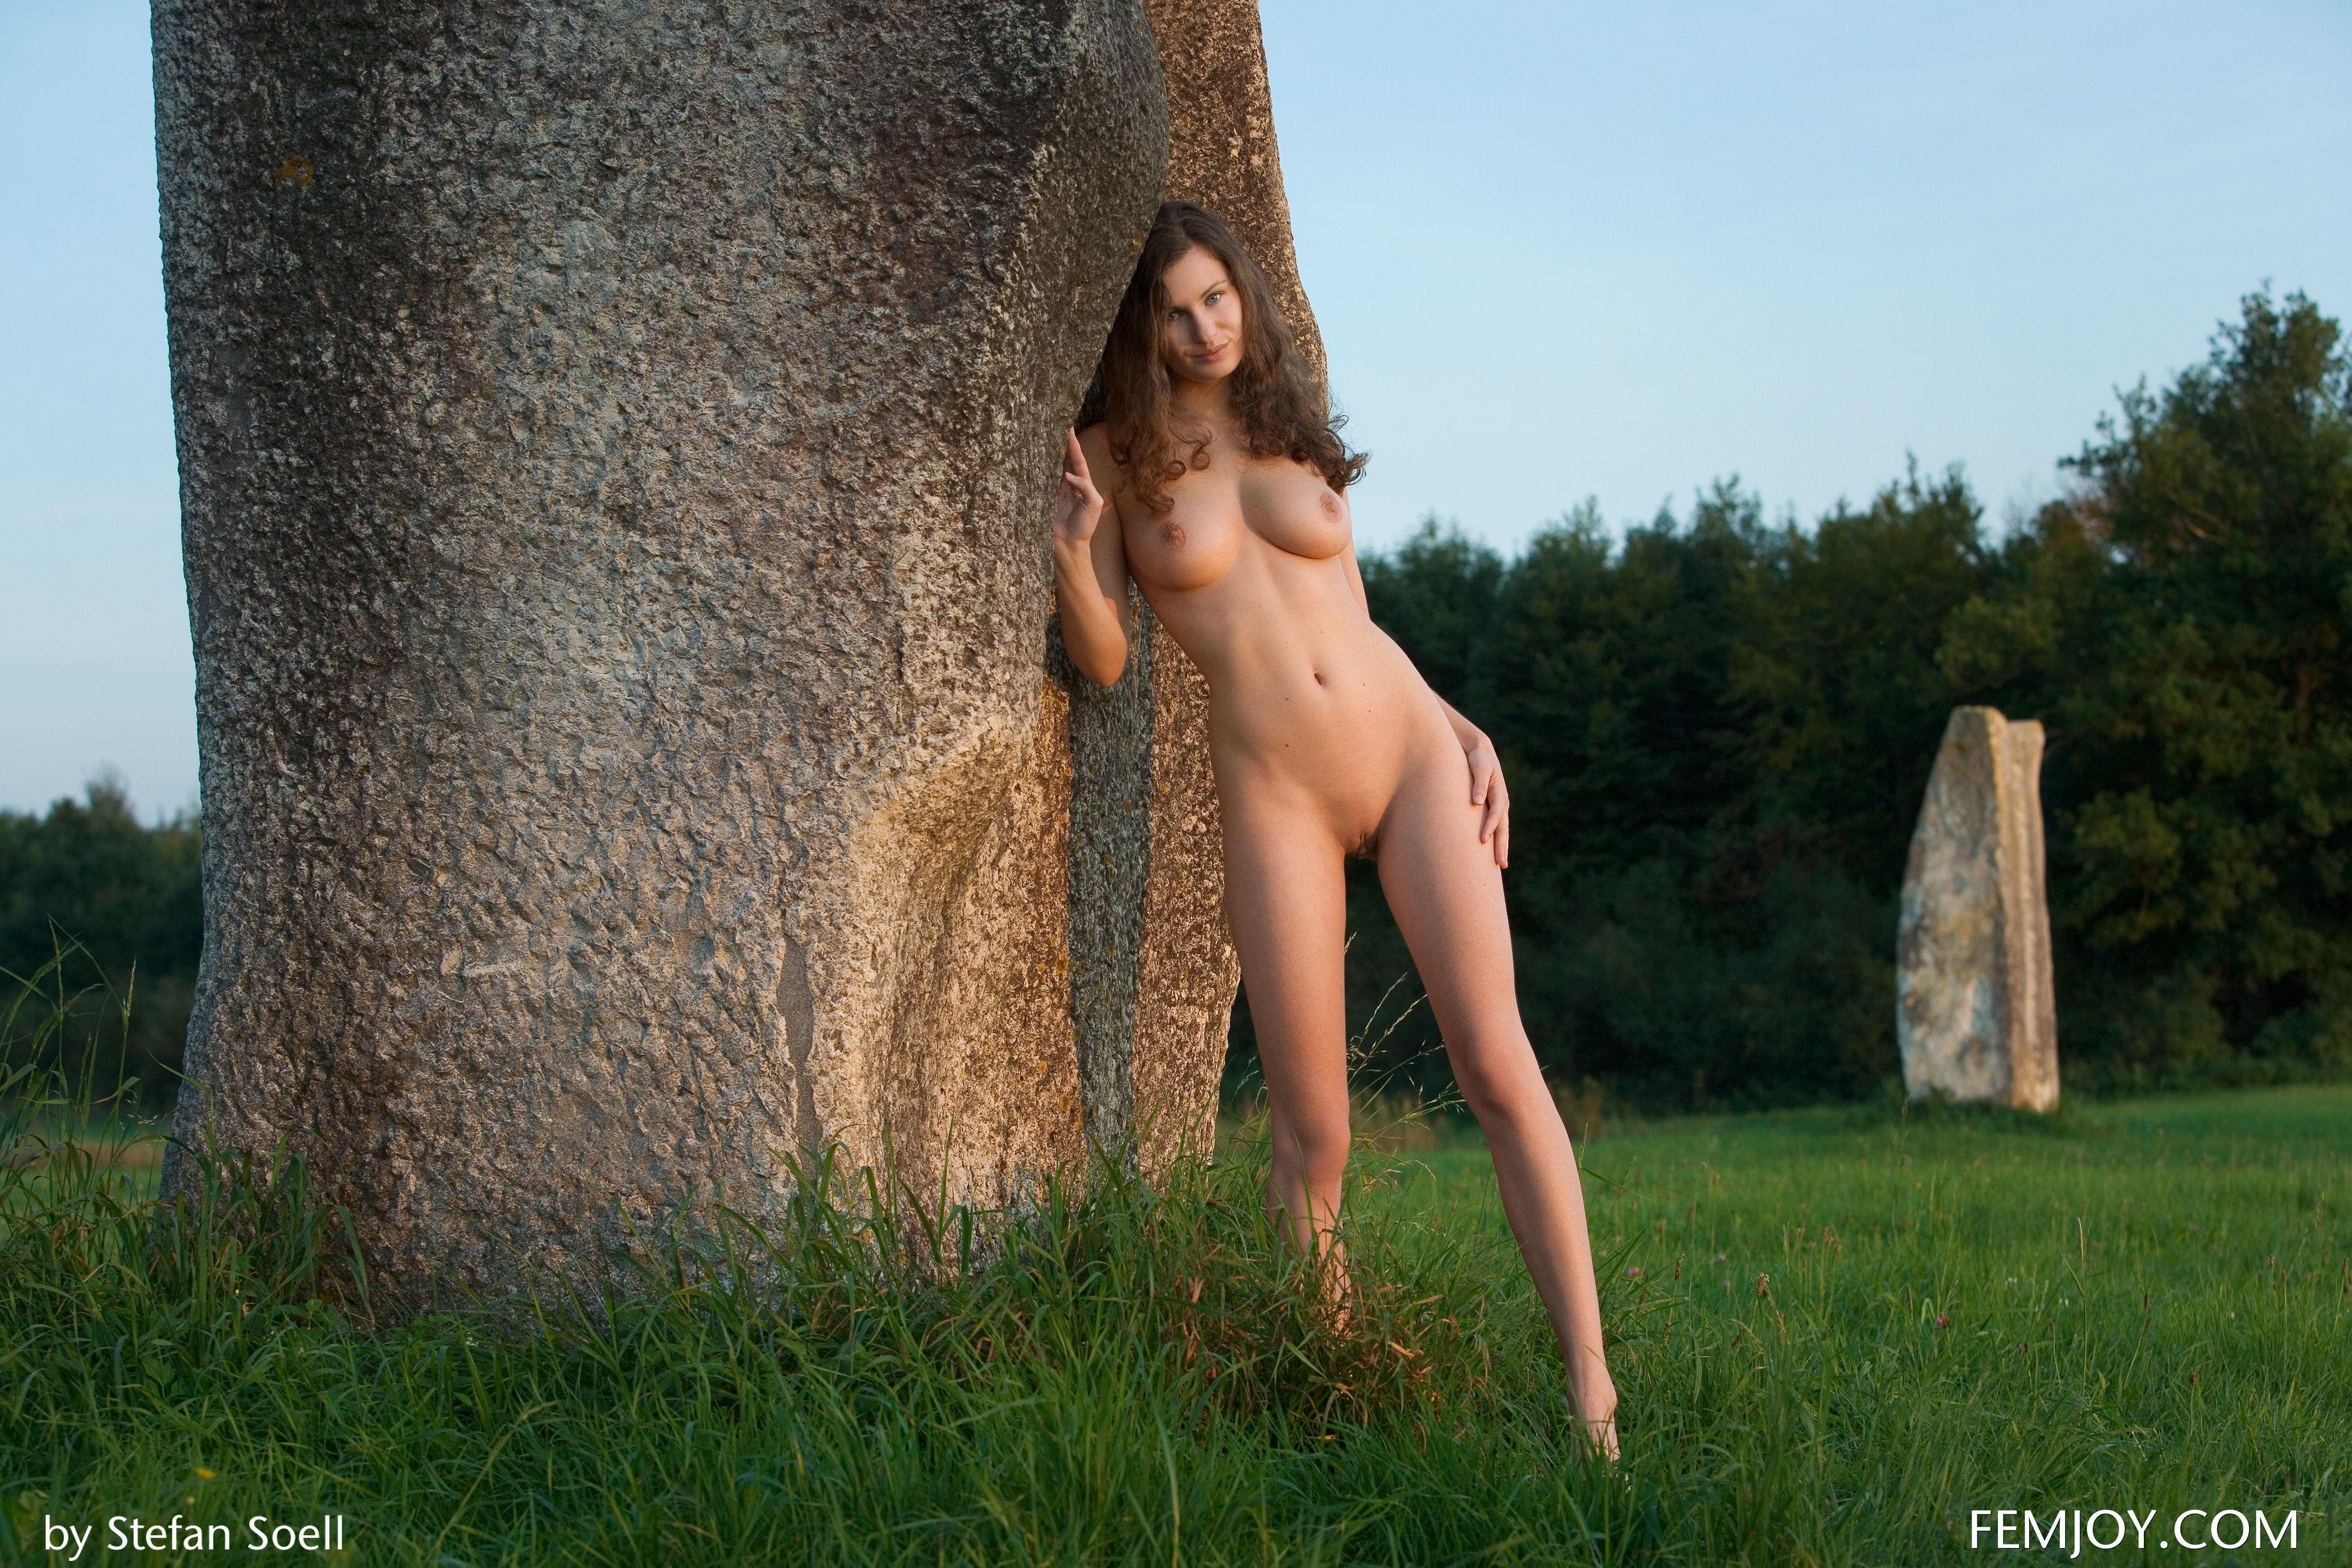 обои Susann, красотка, голая, голая девушка картинки фото